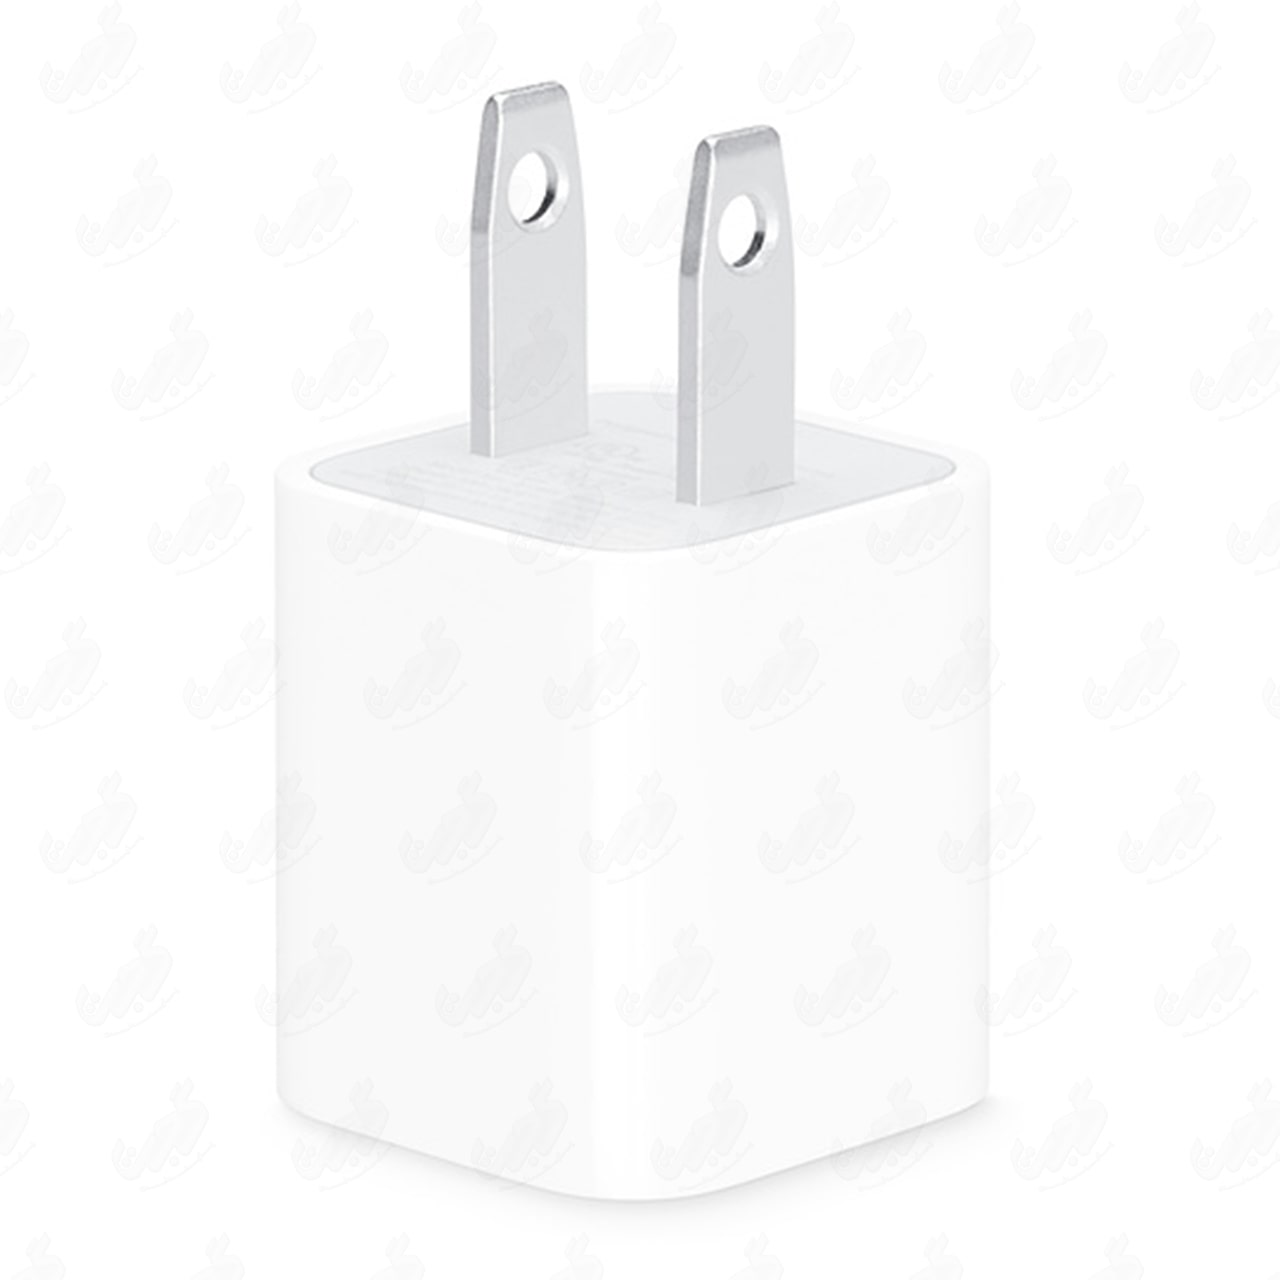 آداپتور شارژر اورجینال اپل برای آیفون و آیپد Apple 5W USB Power Adapter